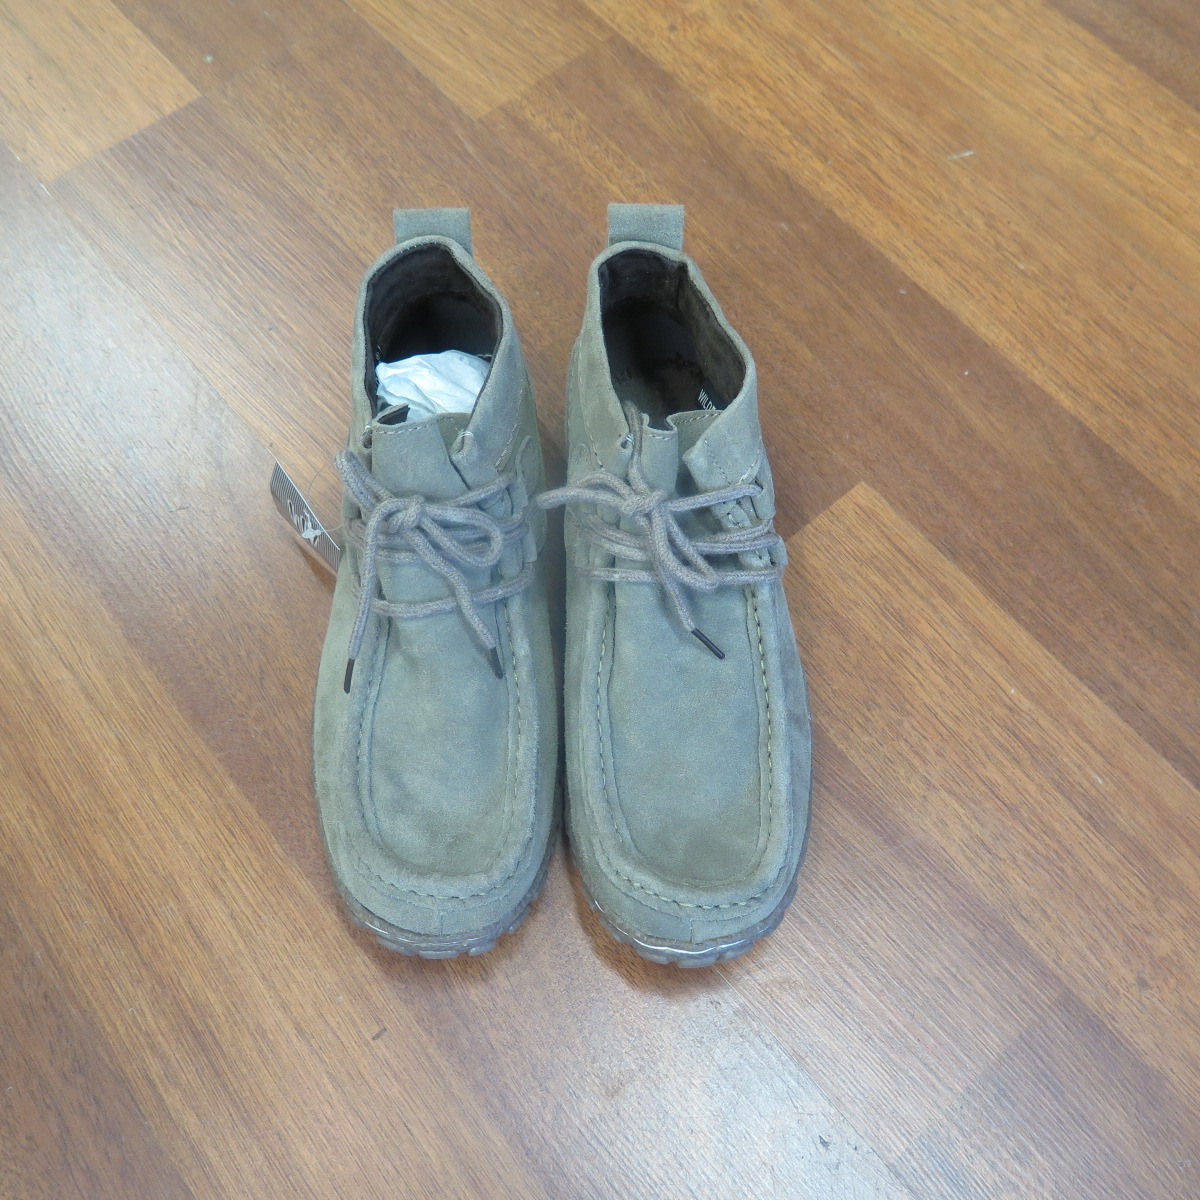 Mocka sko från Wildflower. Skön komfort. Storlek 36-41. Special pris 249 -  Ord 749 - e9699ef6d6ff4